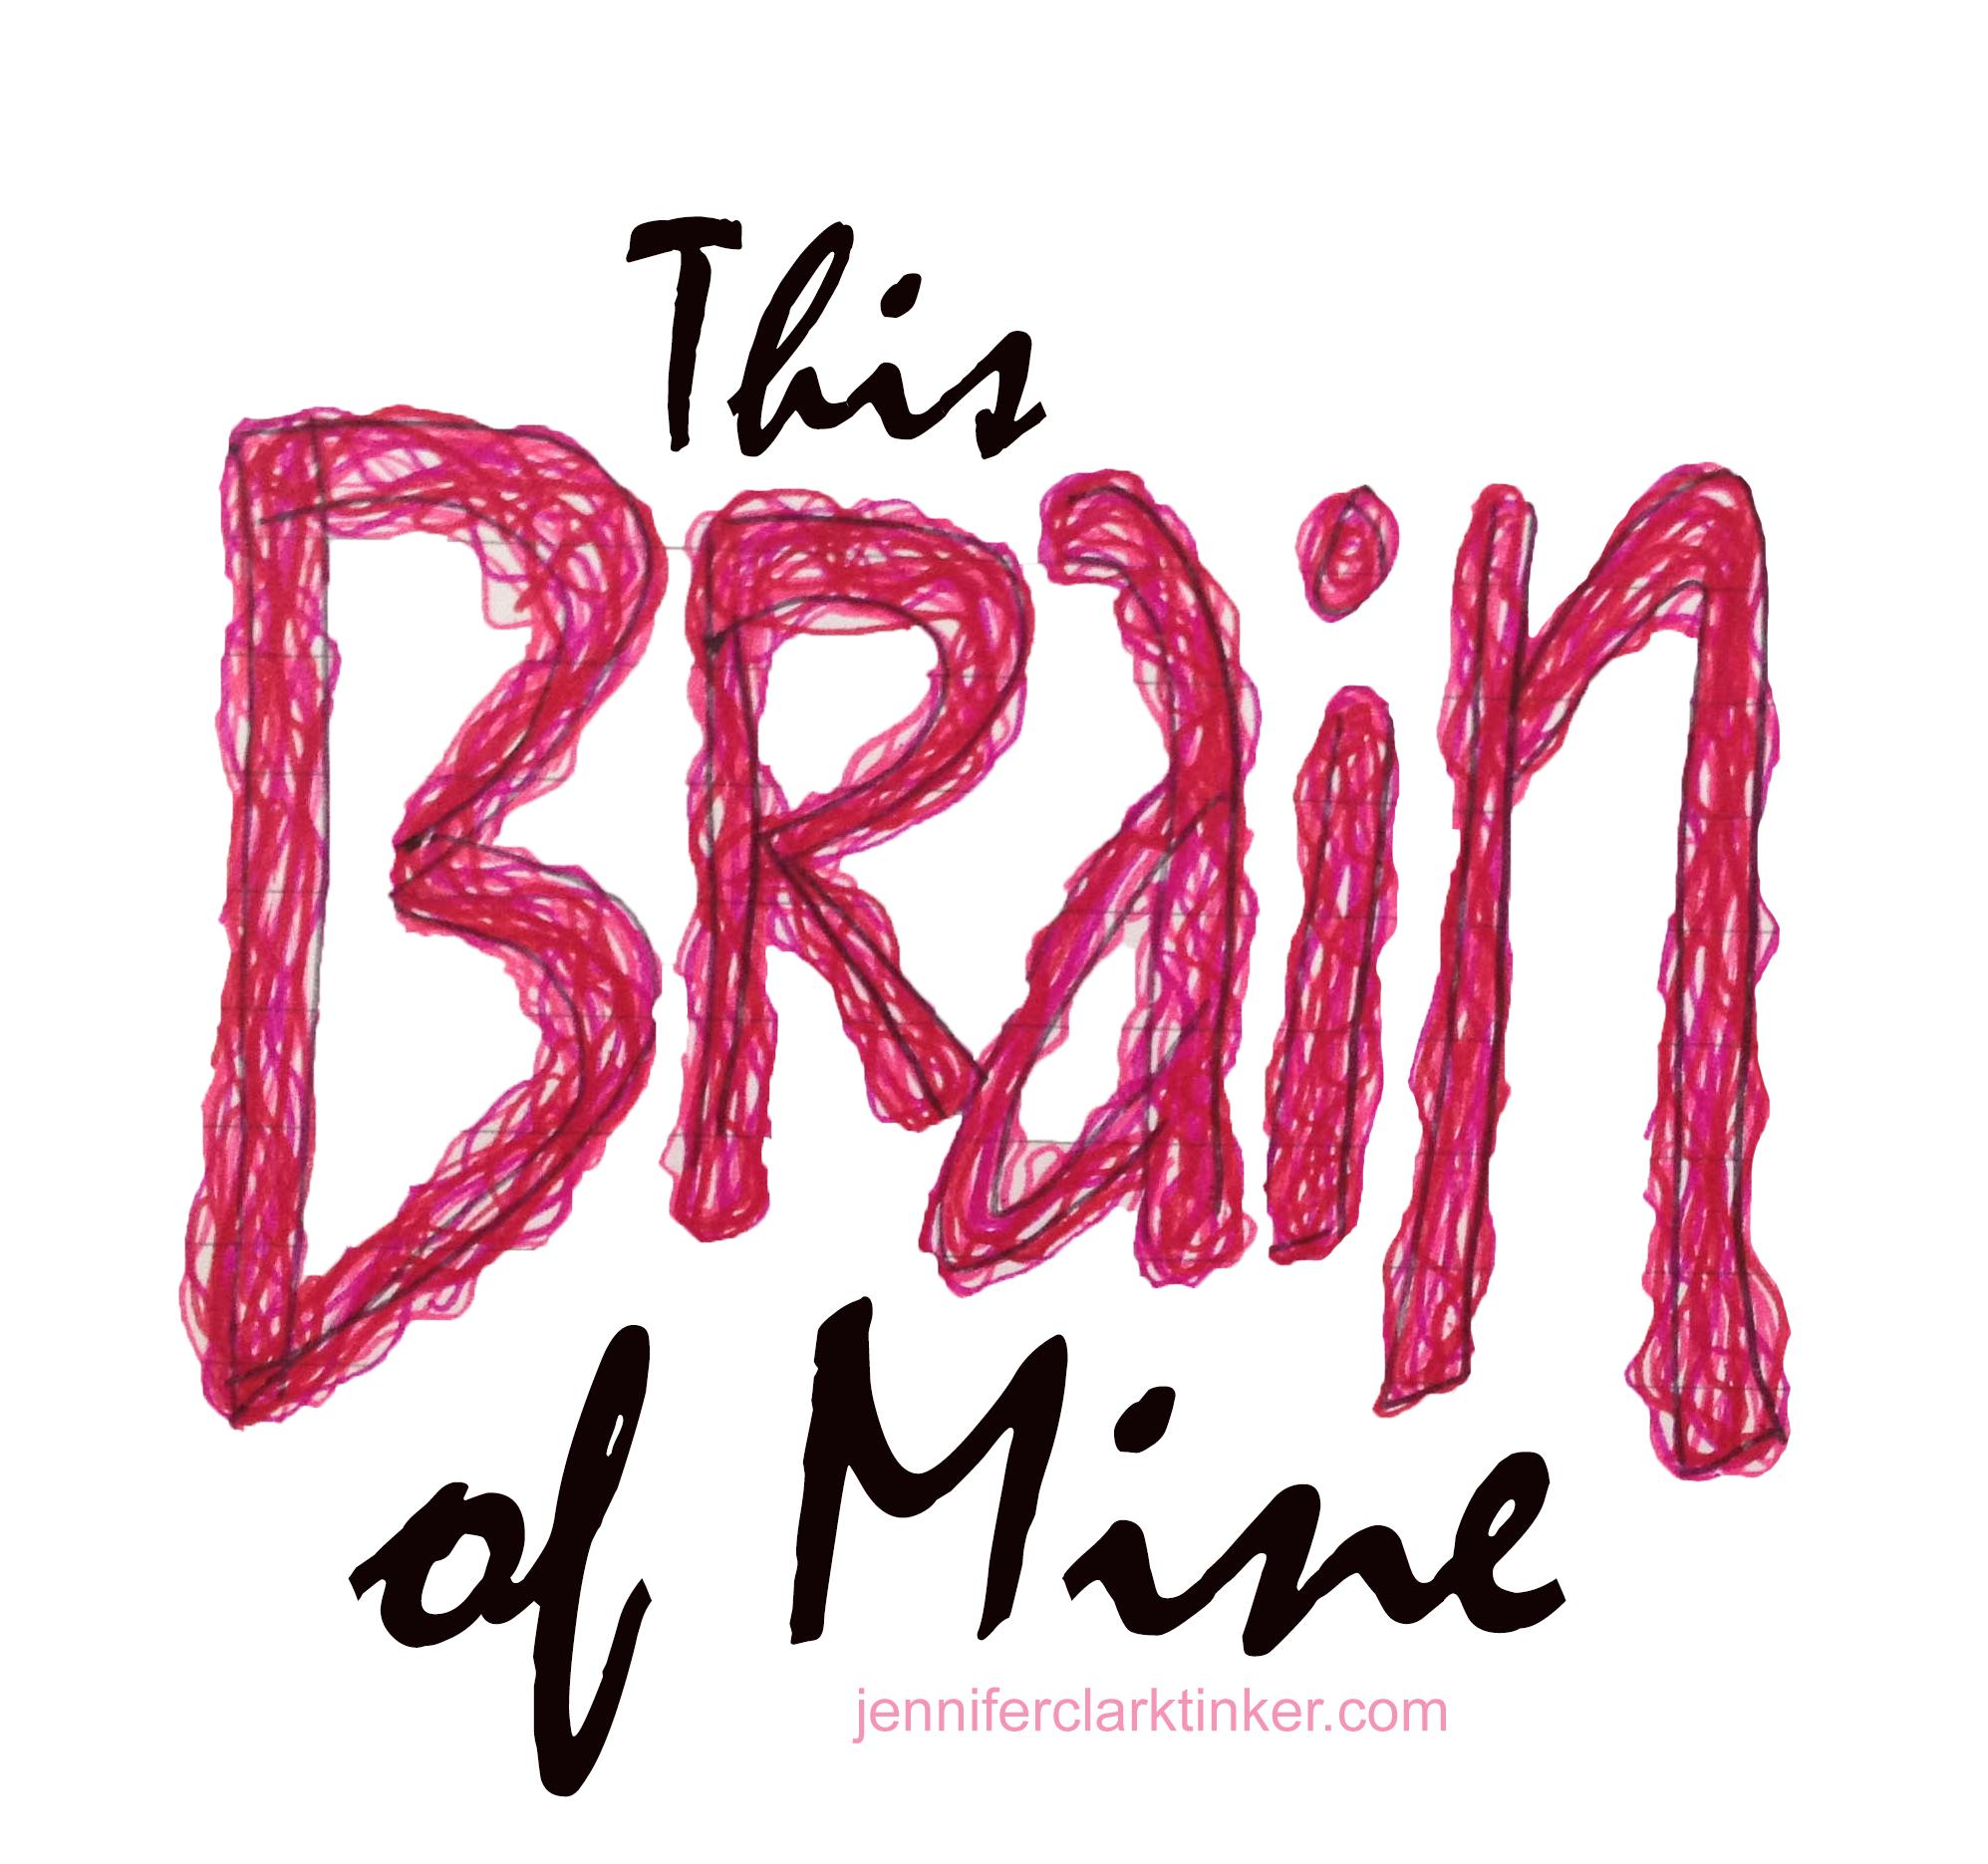 BrainofMine